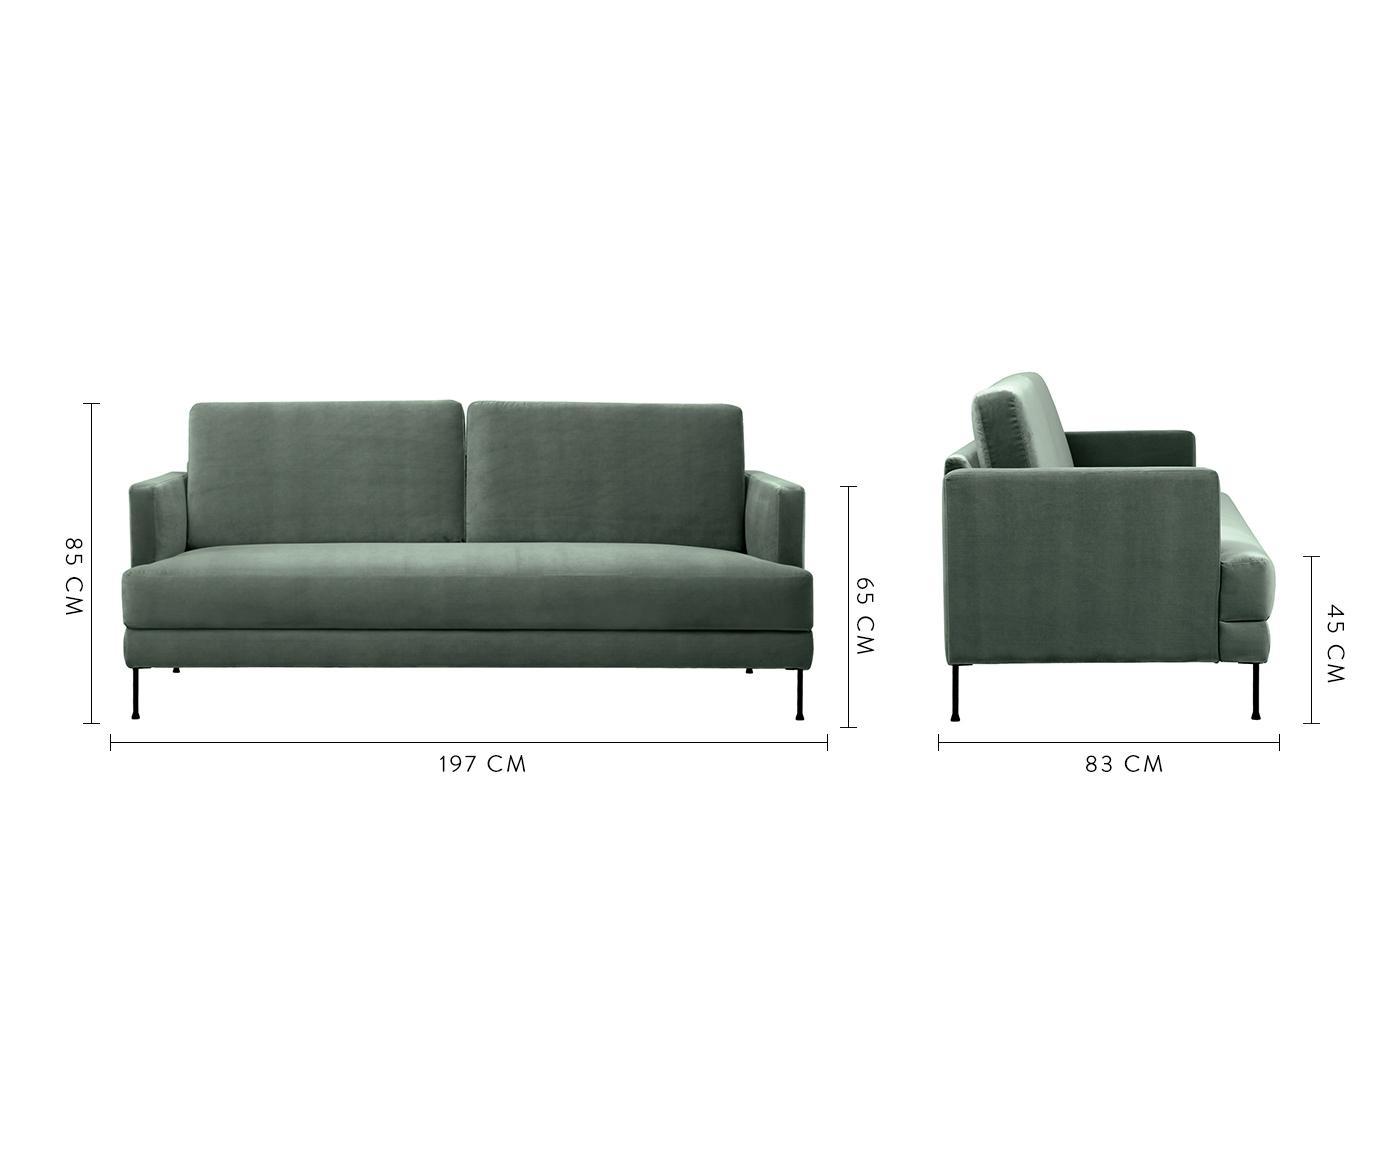 Sofa z aksamitu Fluente (3-osobowa), Tapicerka: aksamit (wysokiej jakości, Stelaż: lite drewno sosnowe, Nogi: metal lakierowany, Aksamitny zielony, S 197 x G 83 cm